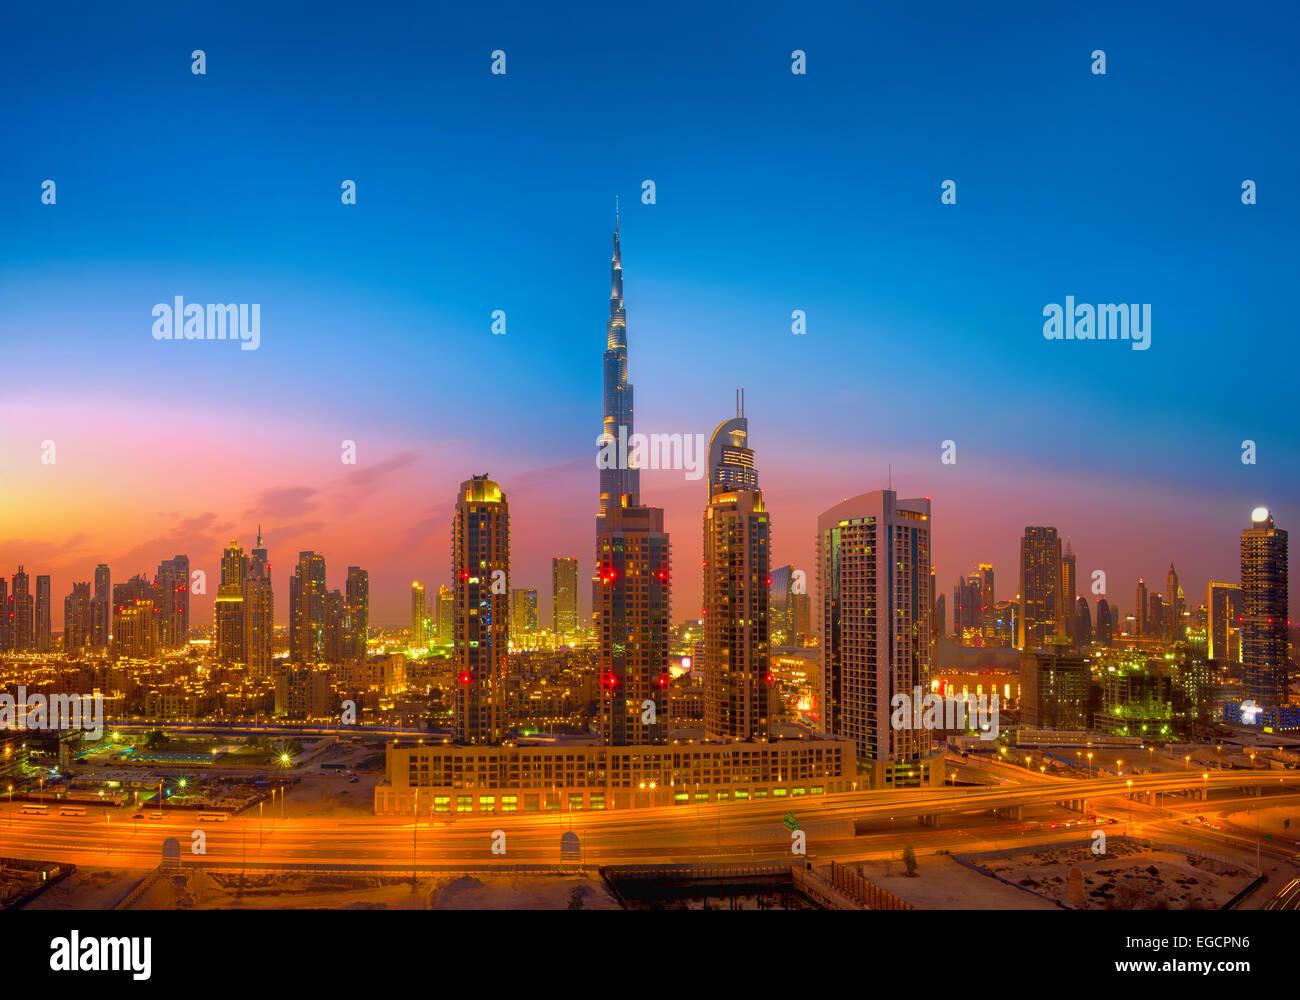 Dubai Skyline - Stock Image